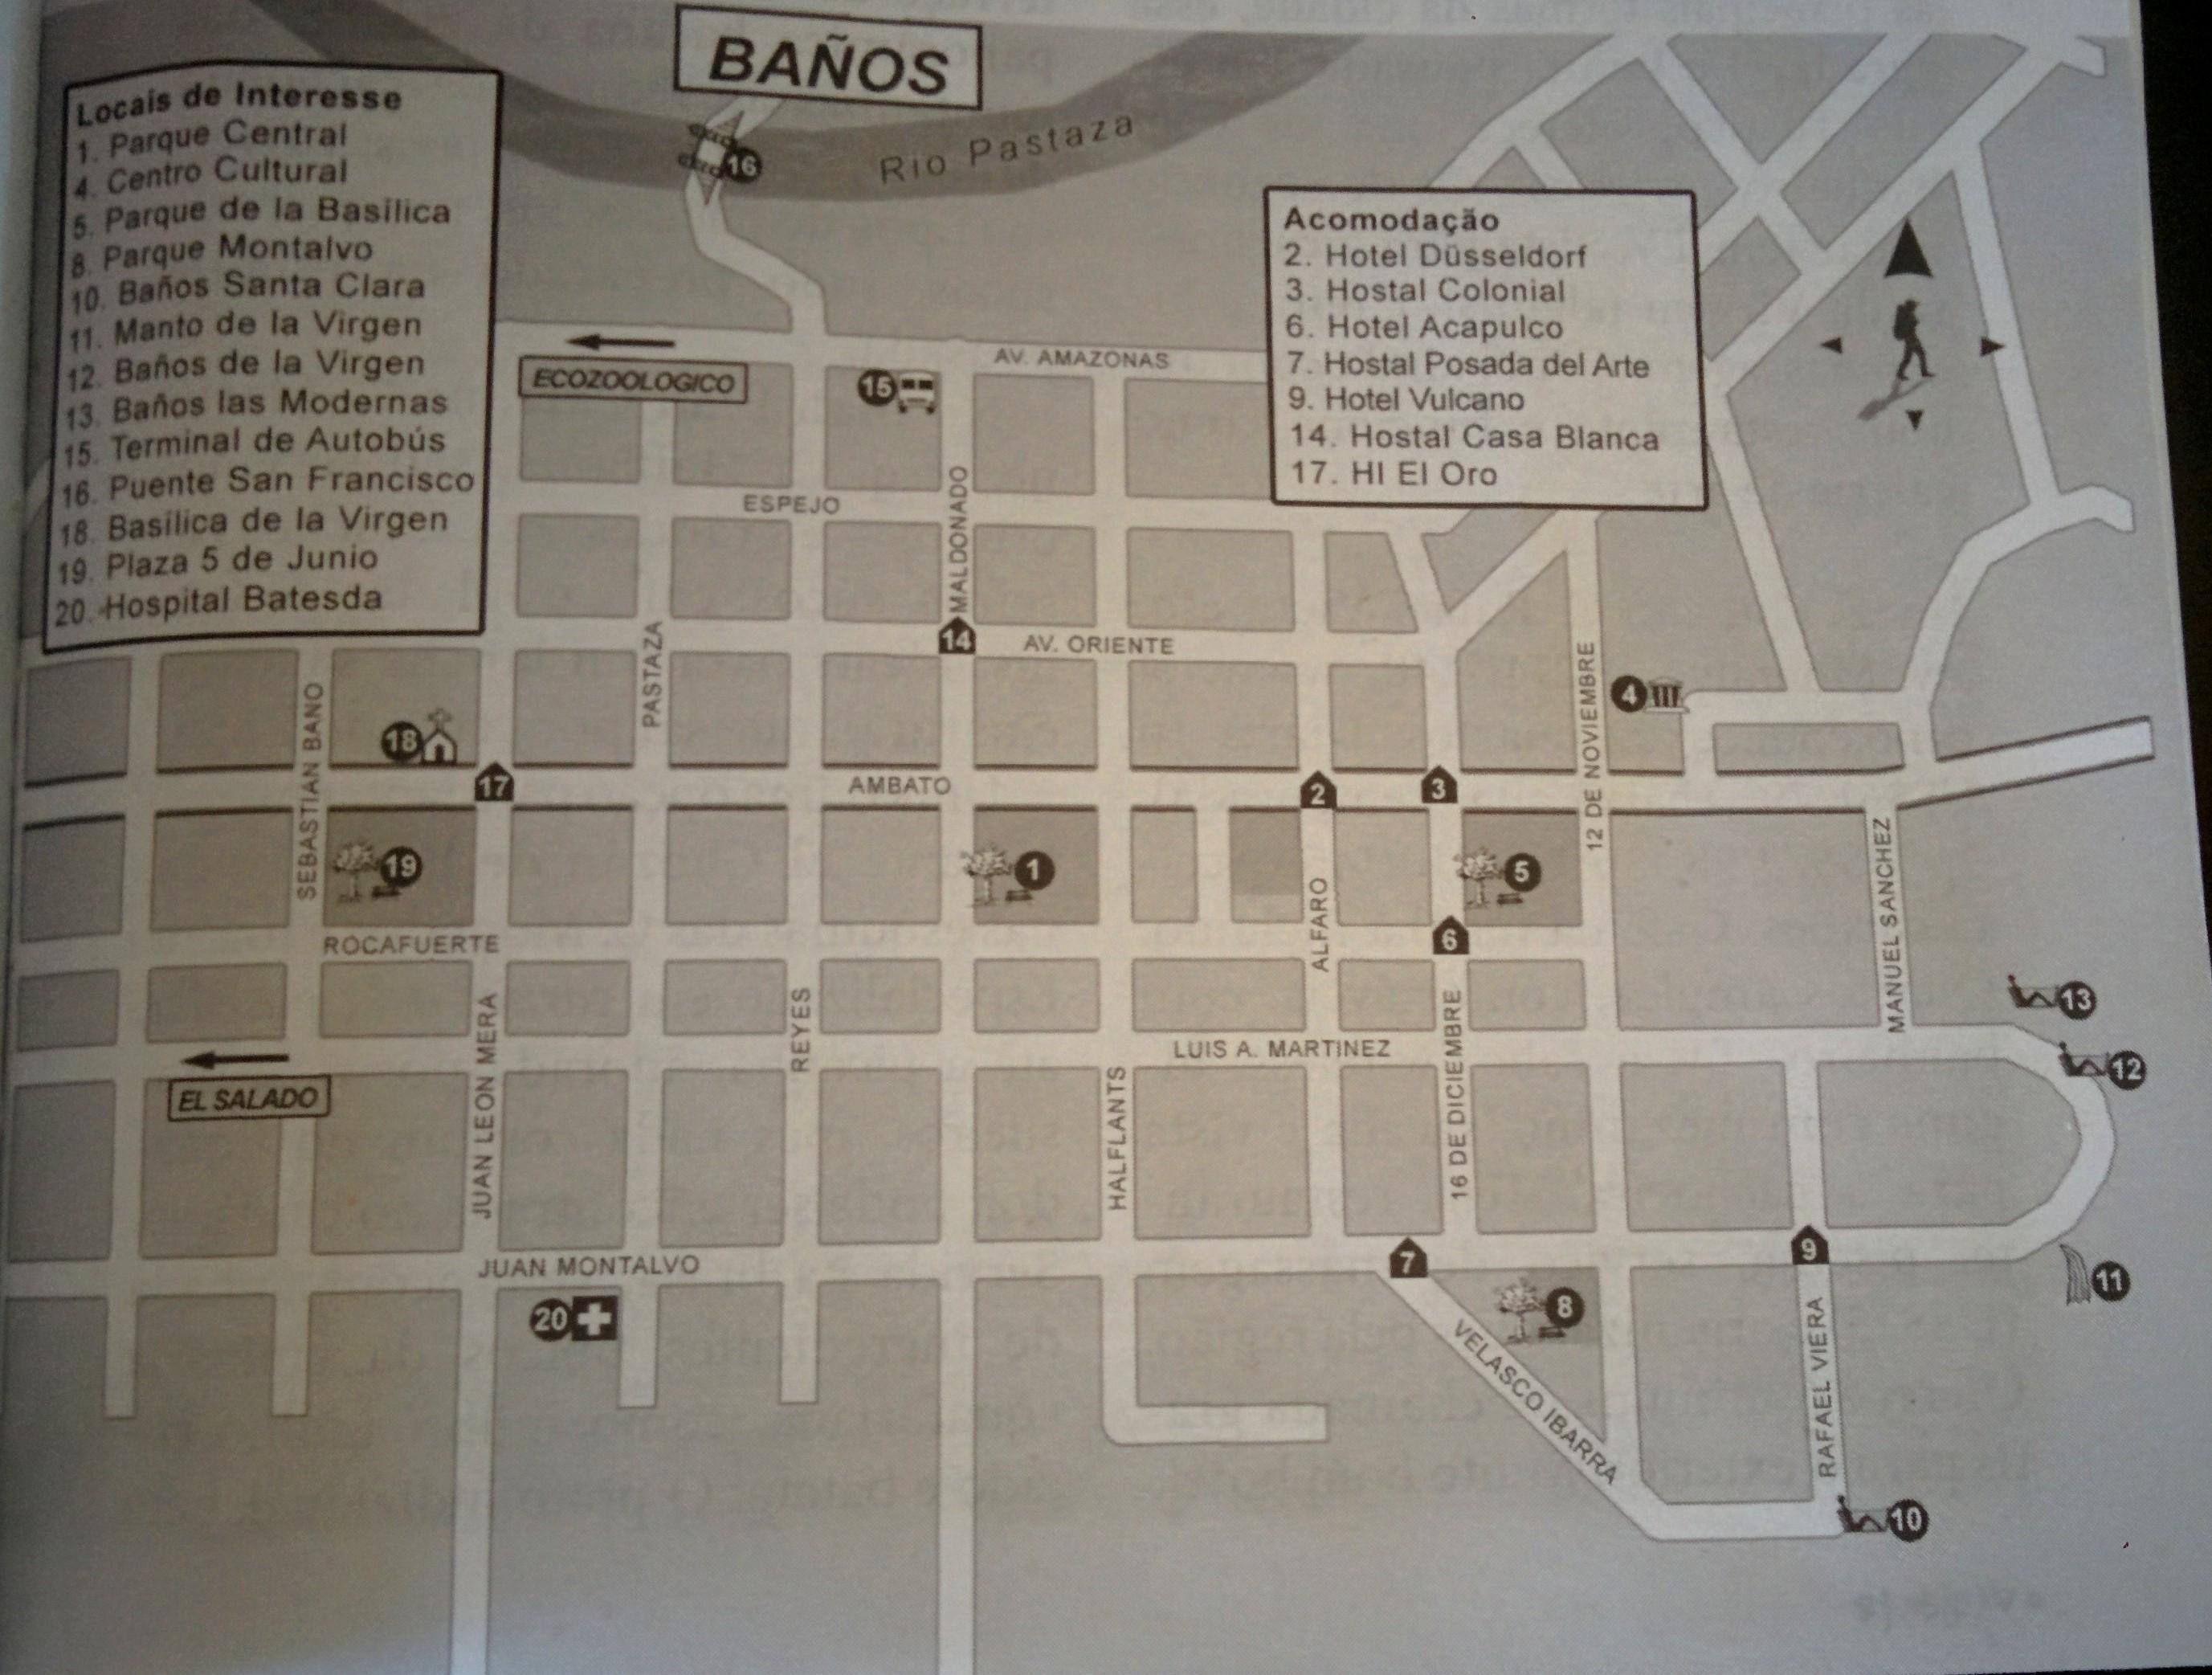 Mapa de Baños (retirado do livro Guia Criativo para o Viajante Independente)